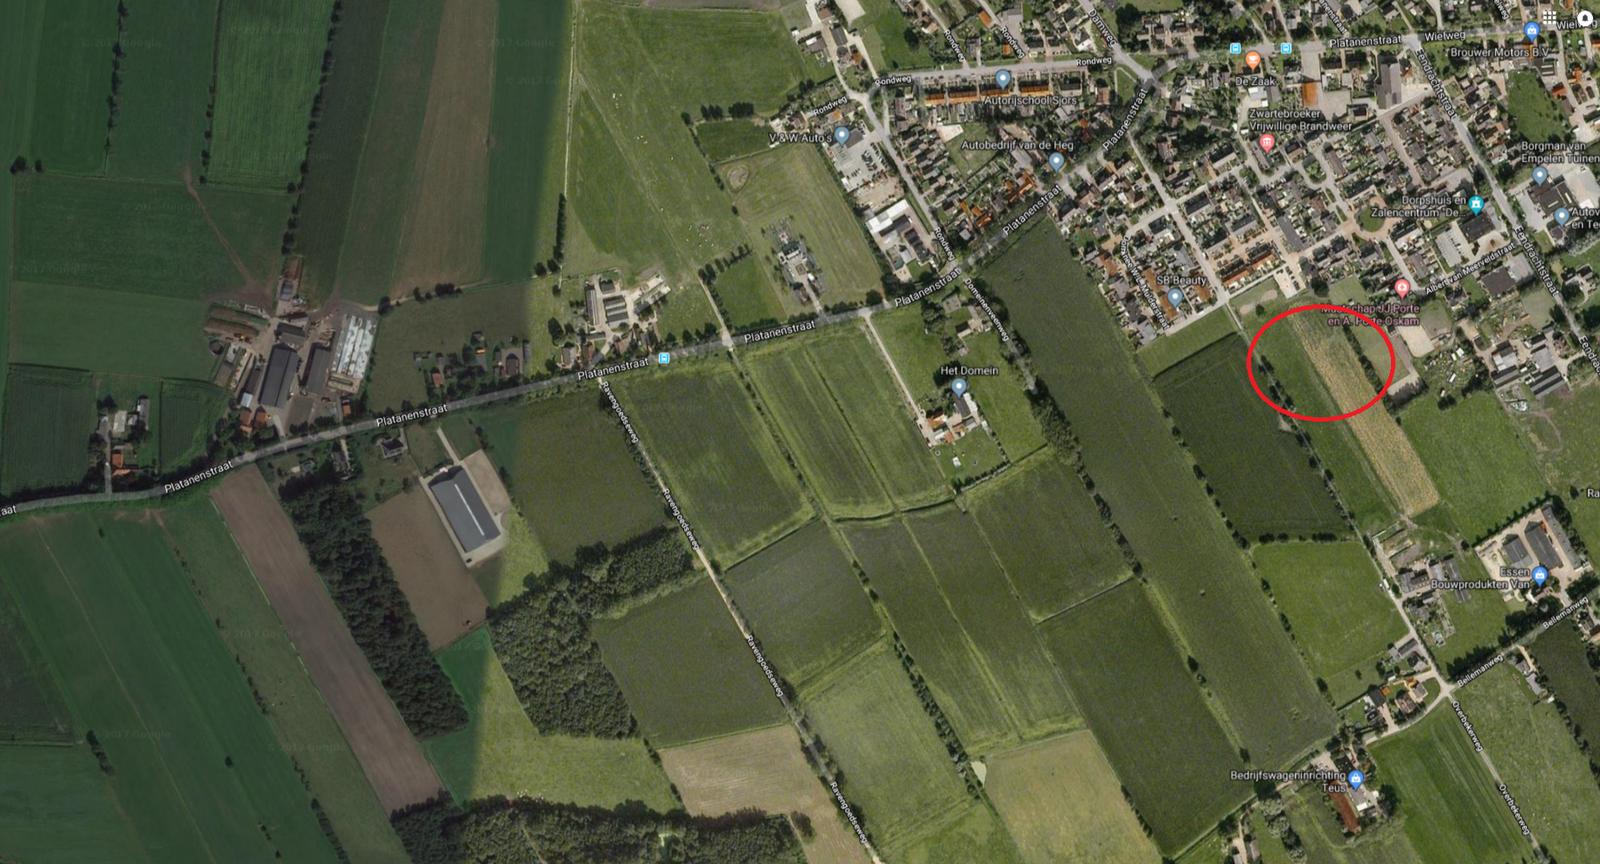 Eikendalsveenweg kavel 1 0-ong, Zwartebroek